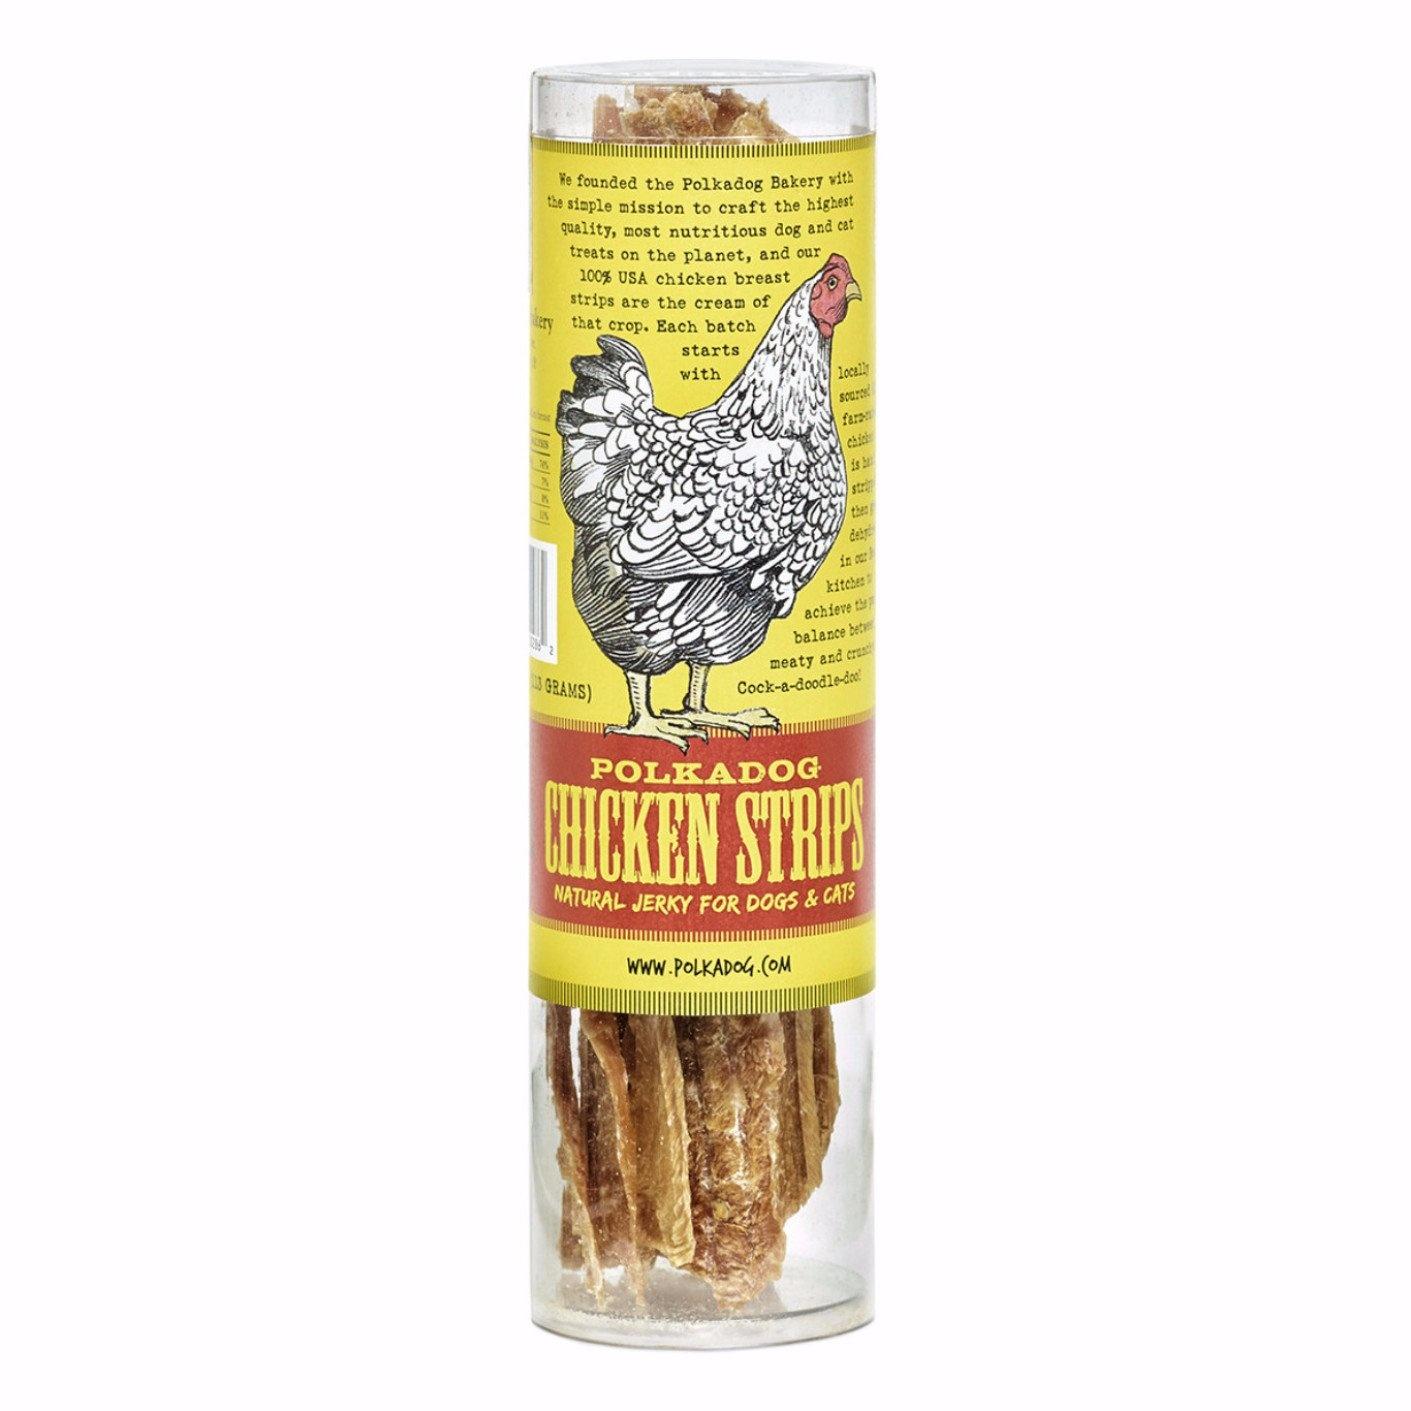 Polkadog PolkaDog Chicken Strip Jerky Tube 4oz